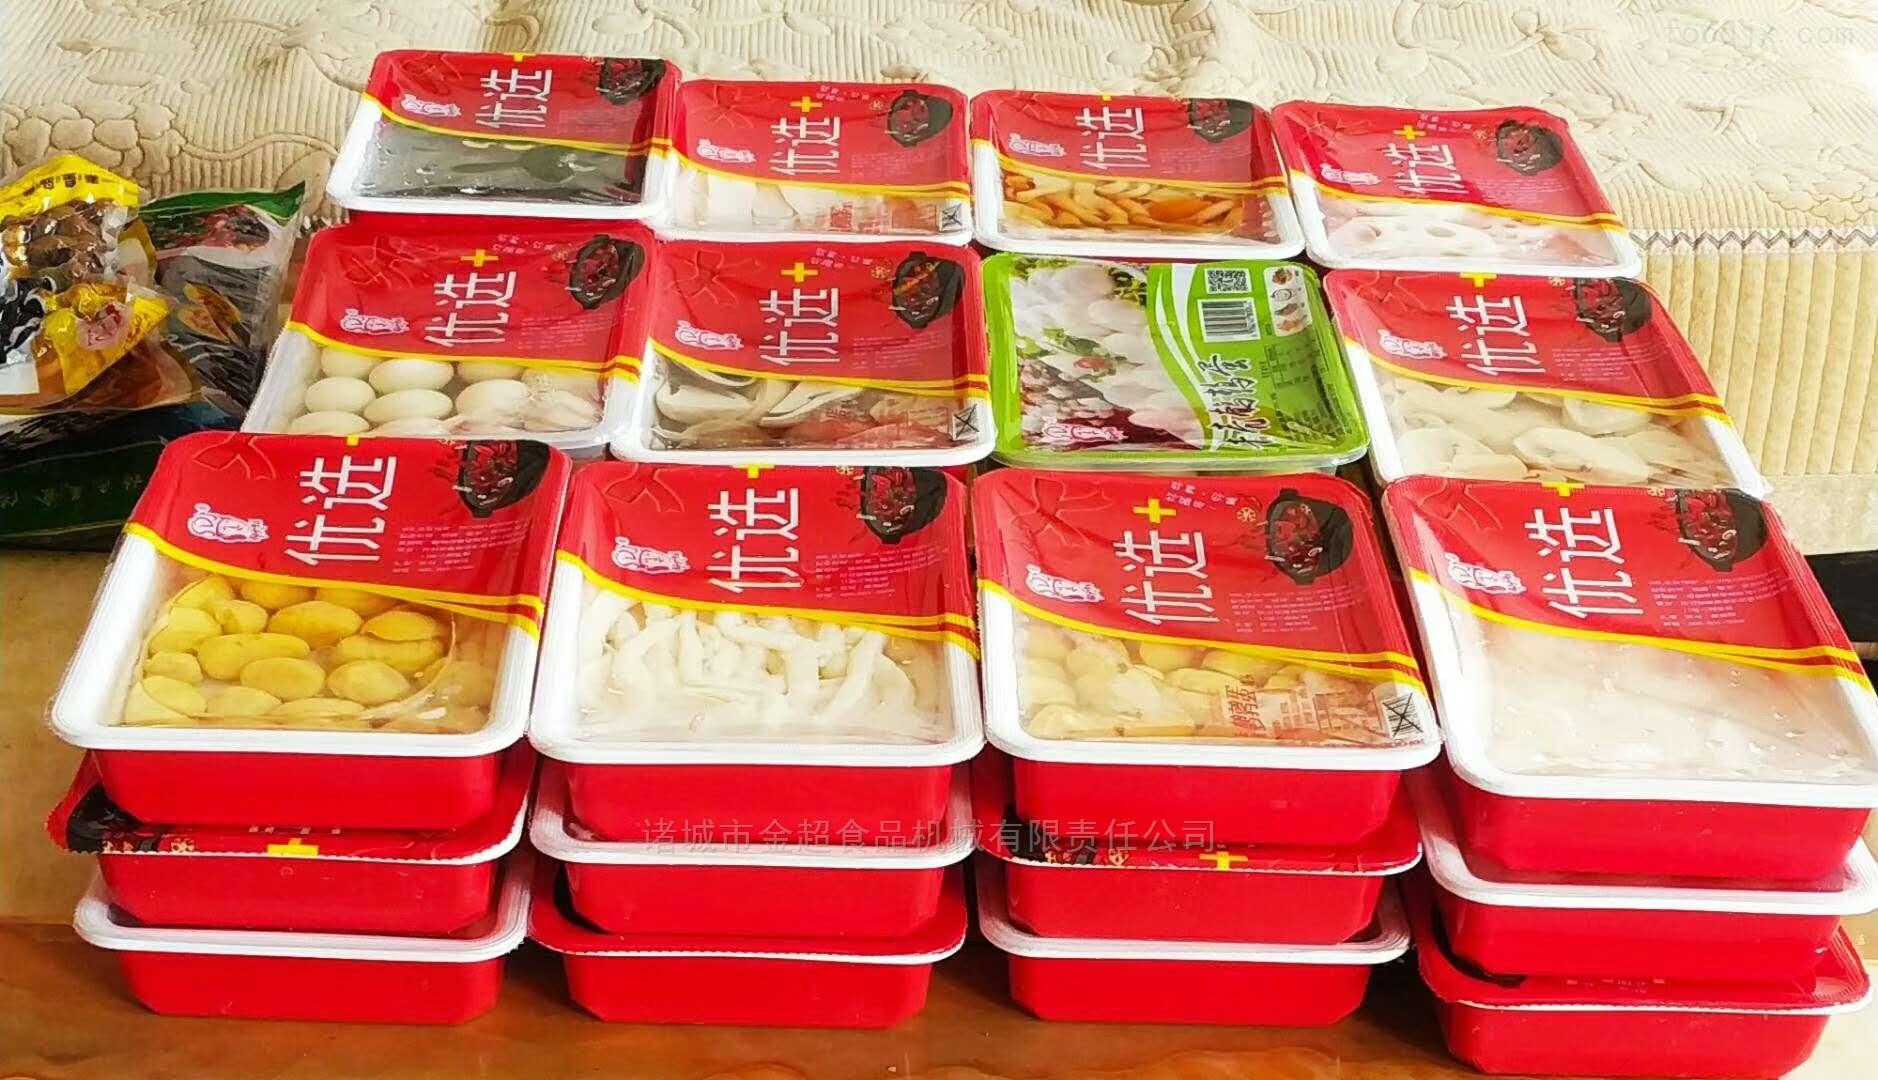 塑料盒装火锅食材保鲜包装机